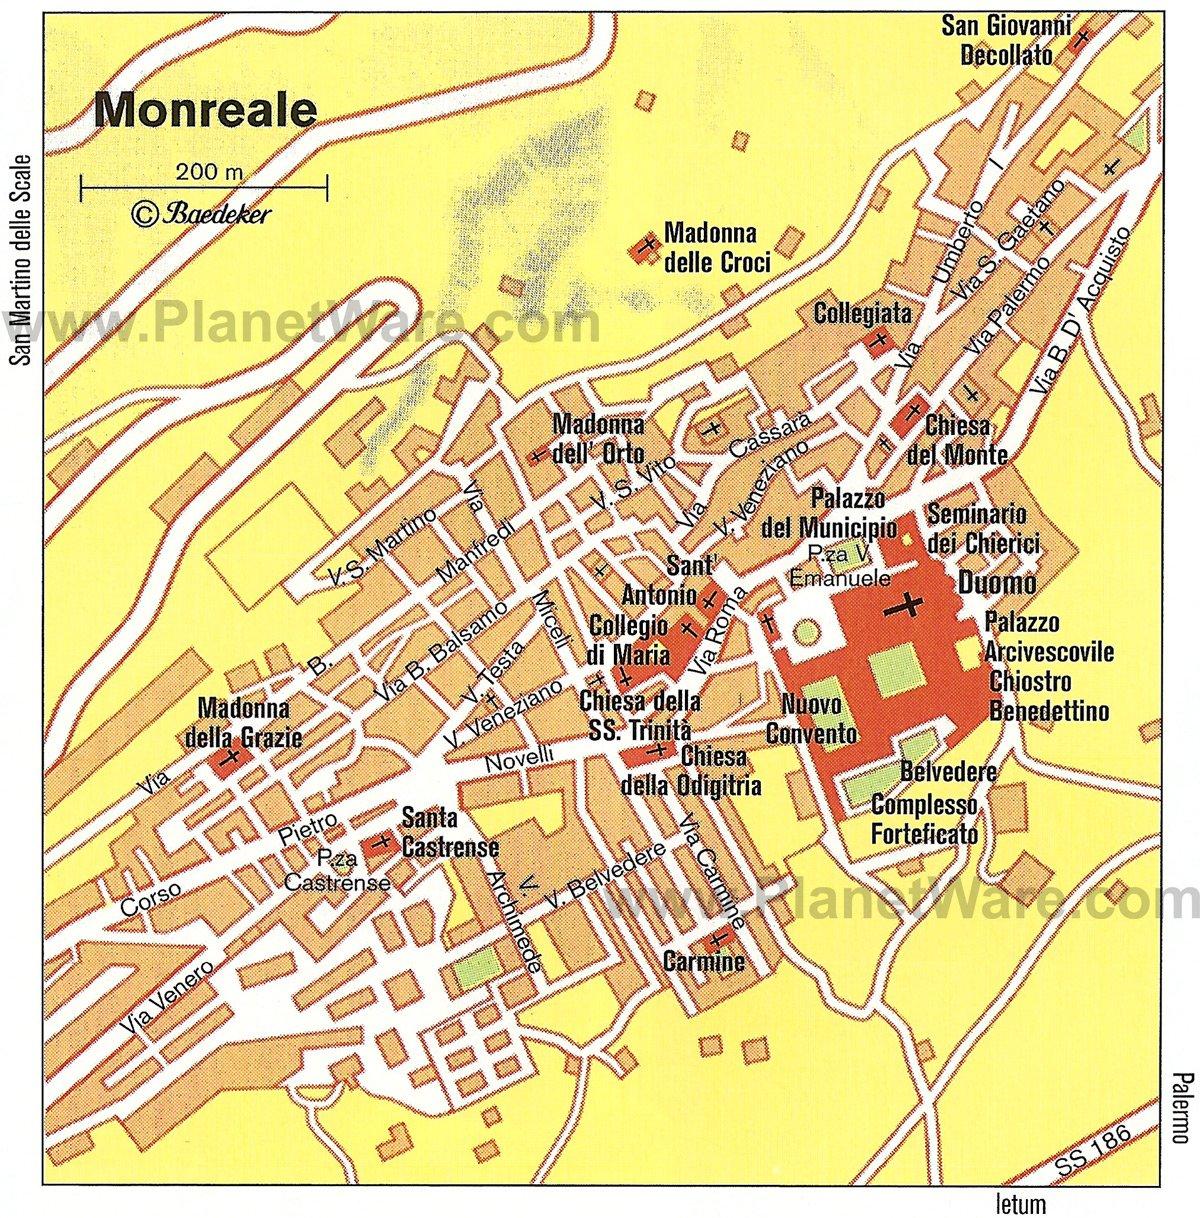 Mapa de Monreale - Atracciones turísticas